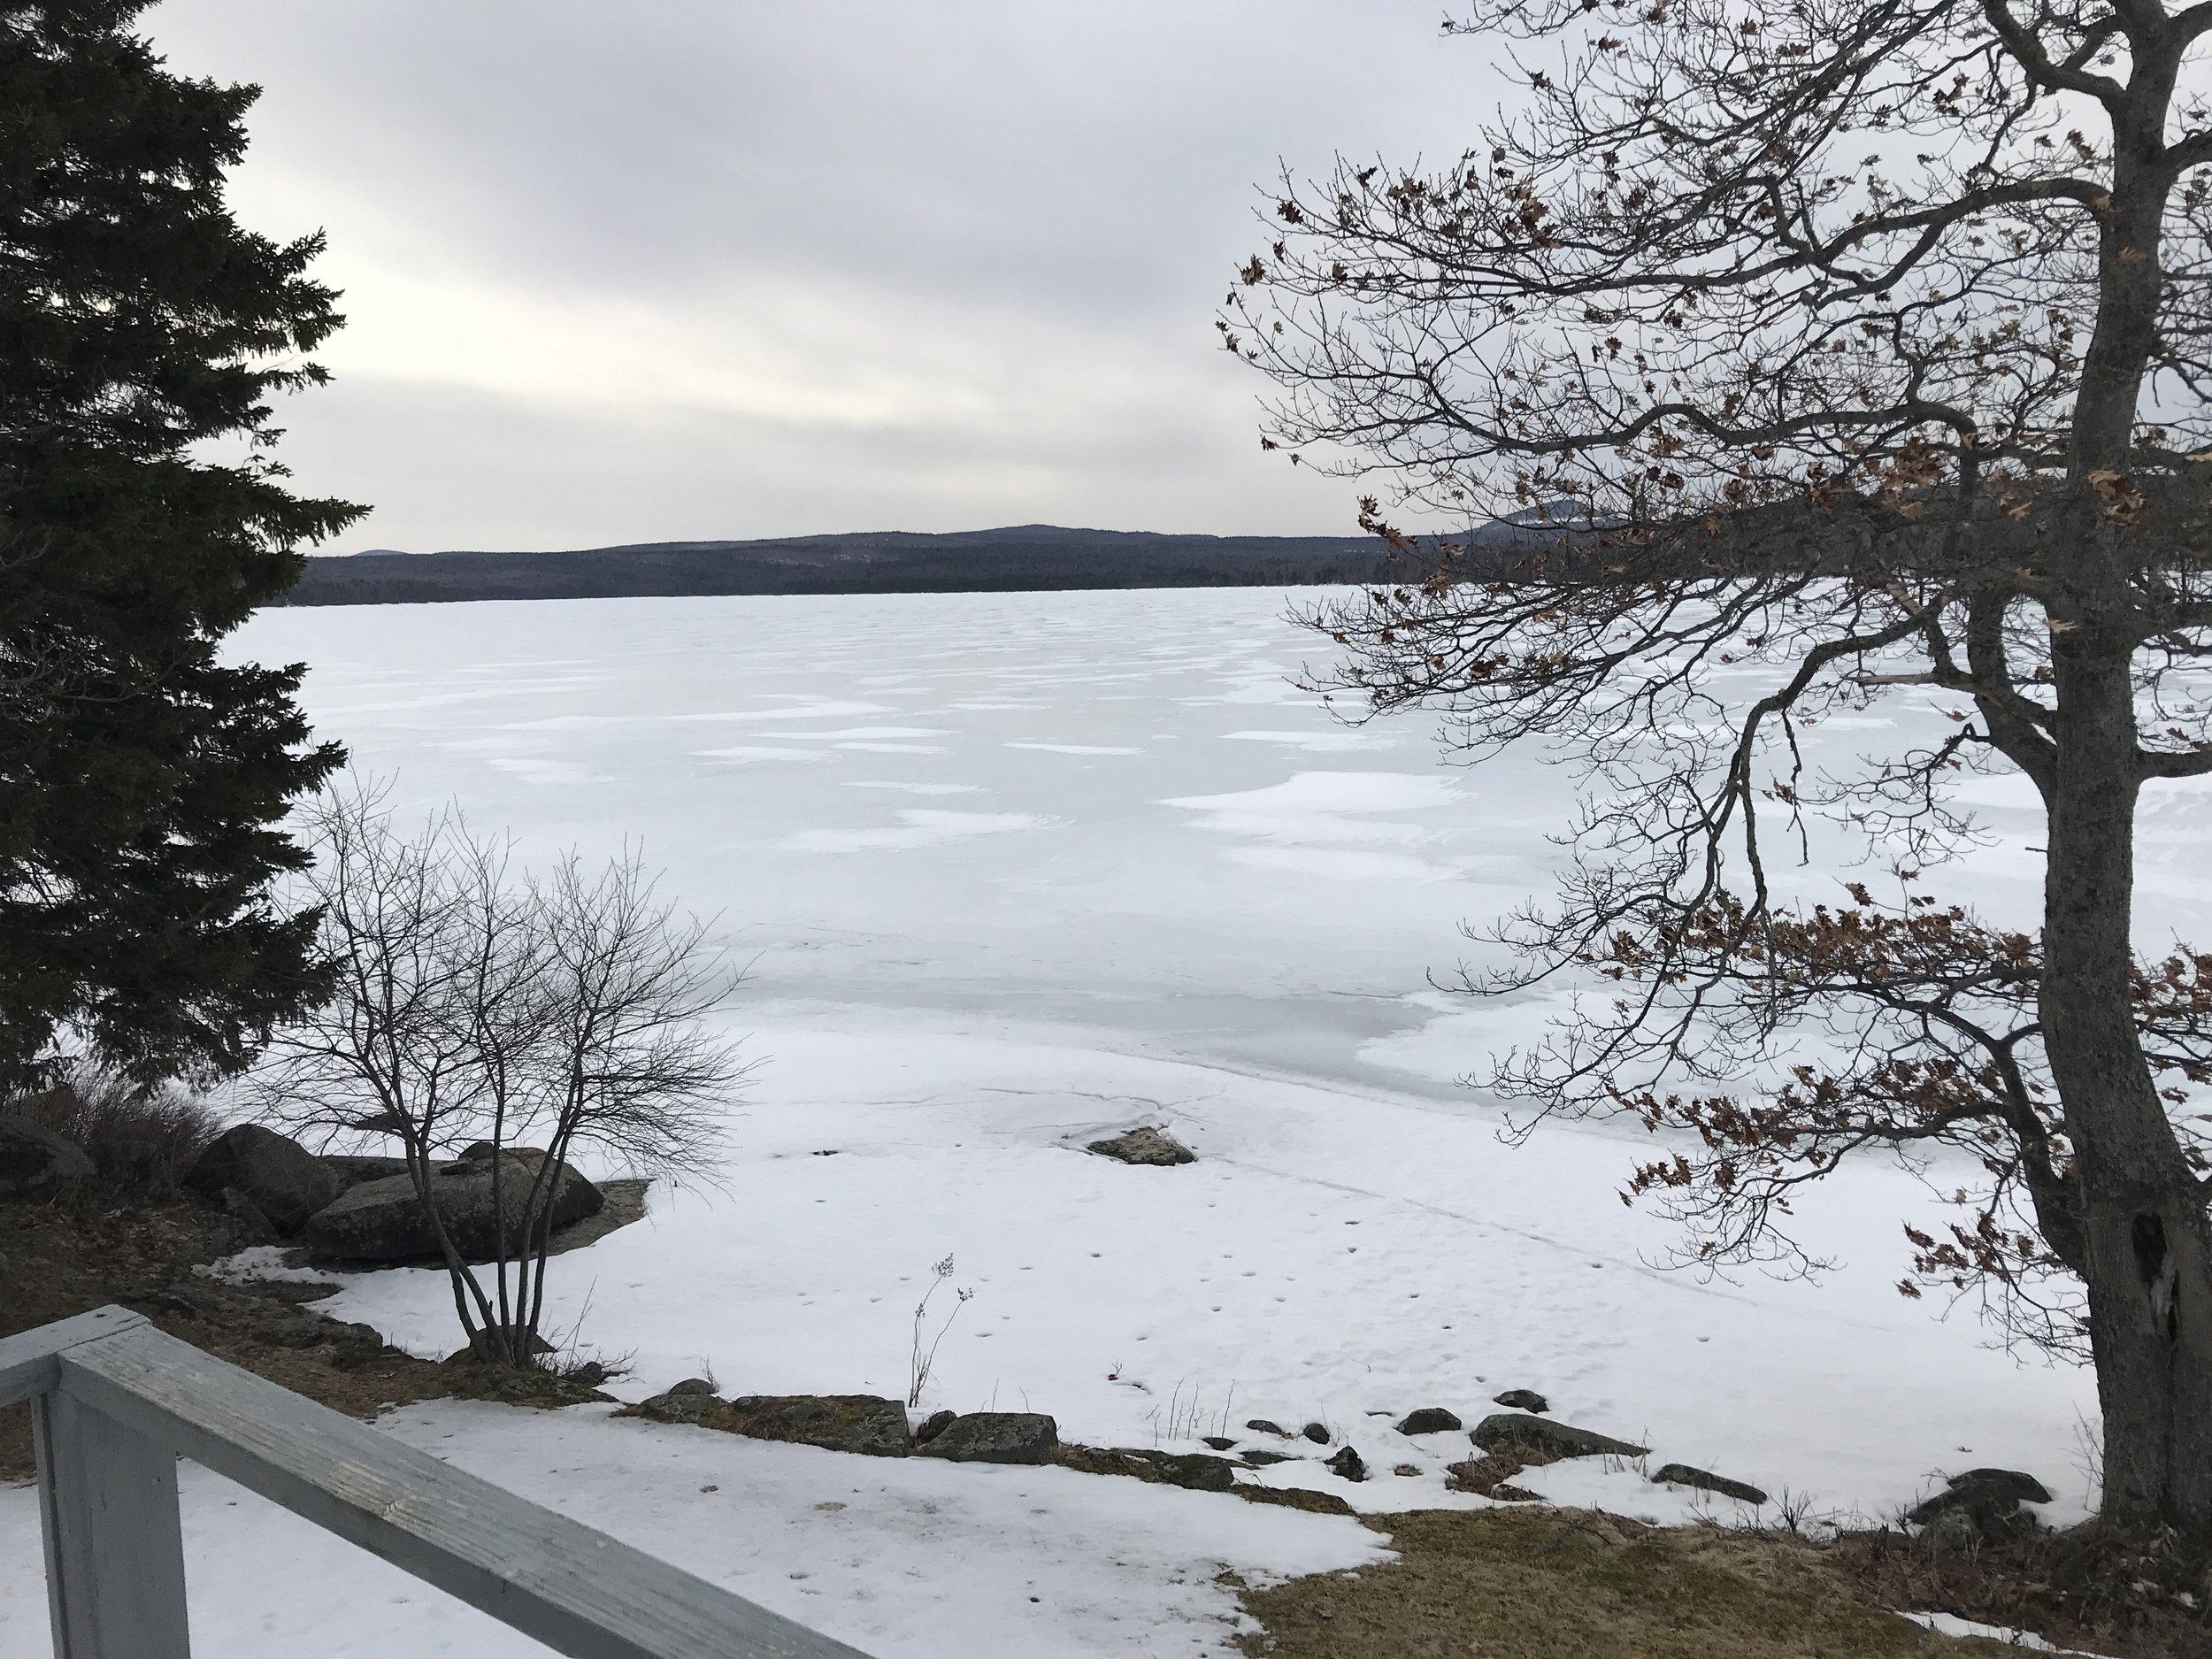 Ice still on the lake.